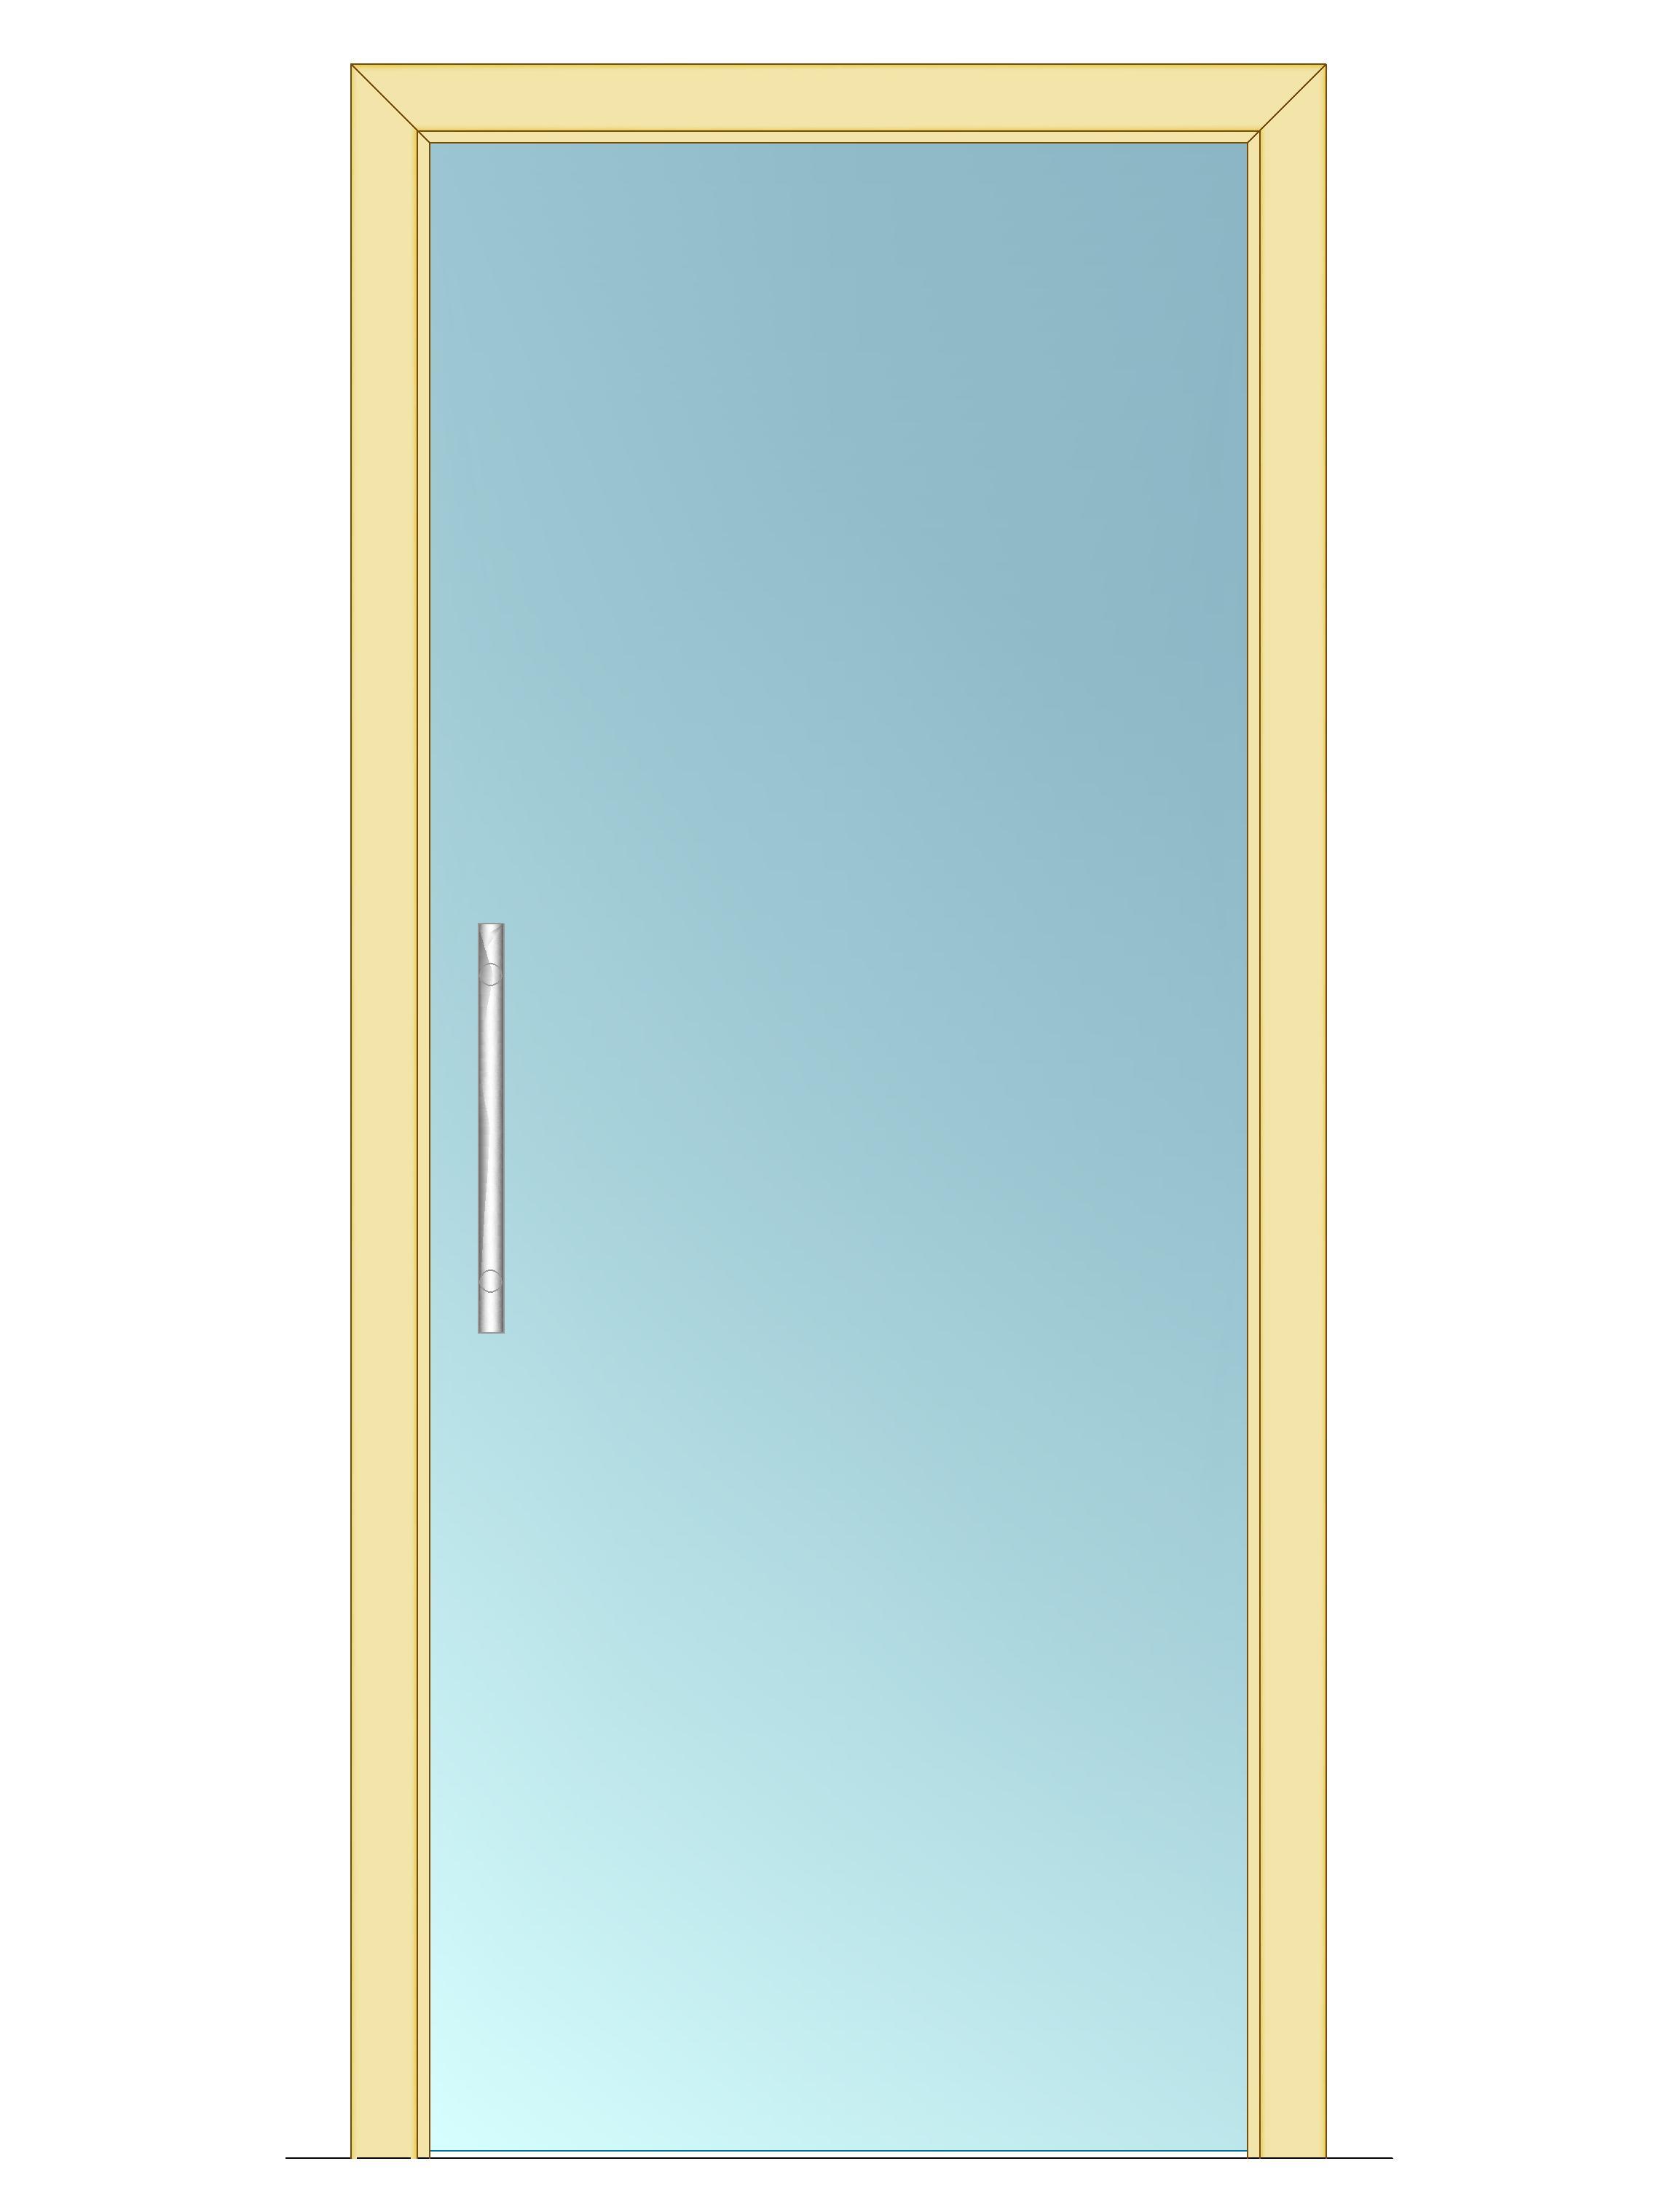 Celoskleněné dveře - posuvné - ČIRÉ 600mm Výška: 210cm